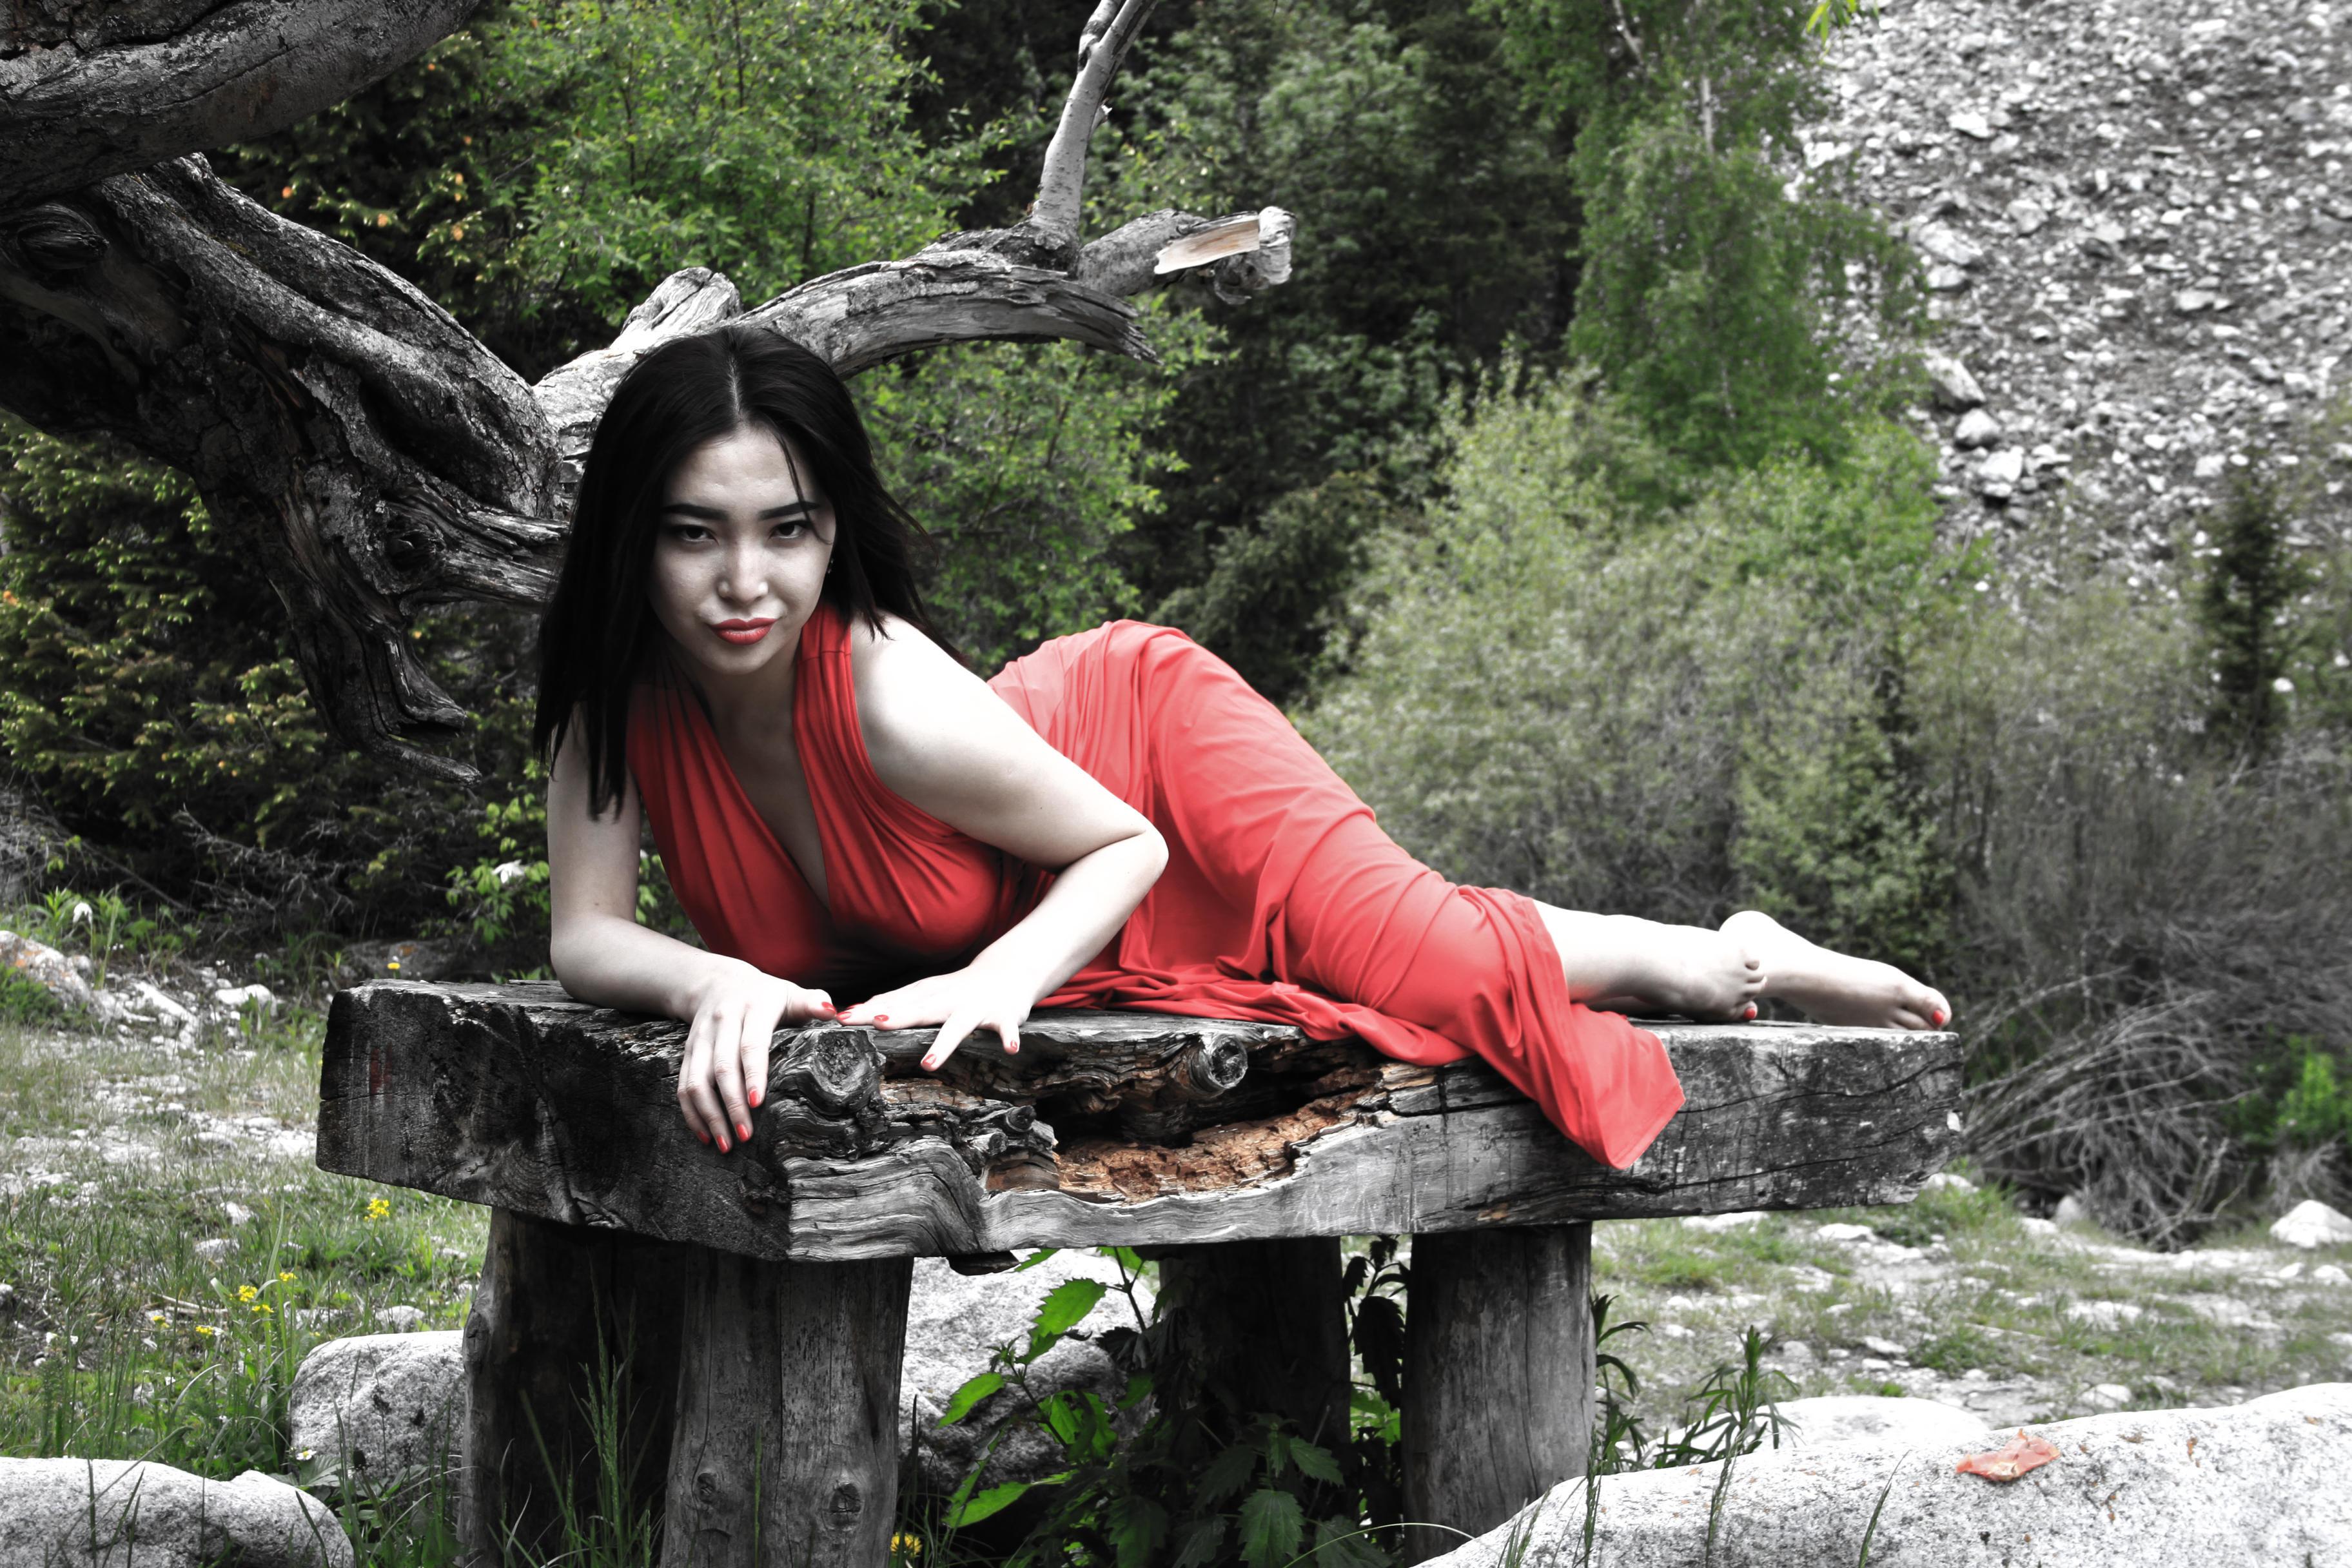 erotich-foto-kirgizki-zrelaya-tetya-marina-soset-video